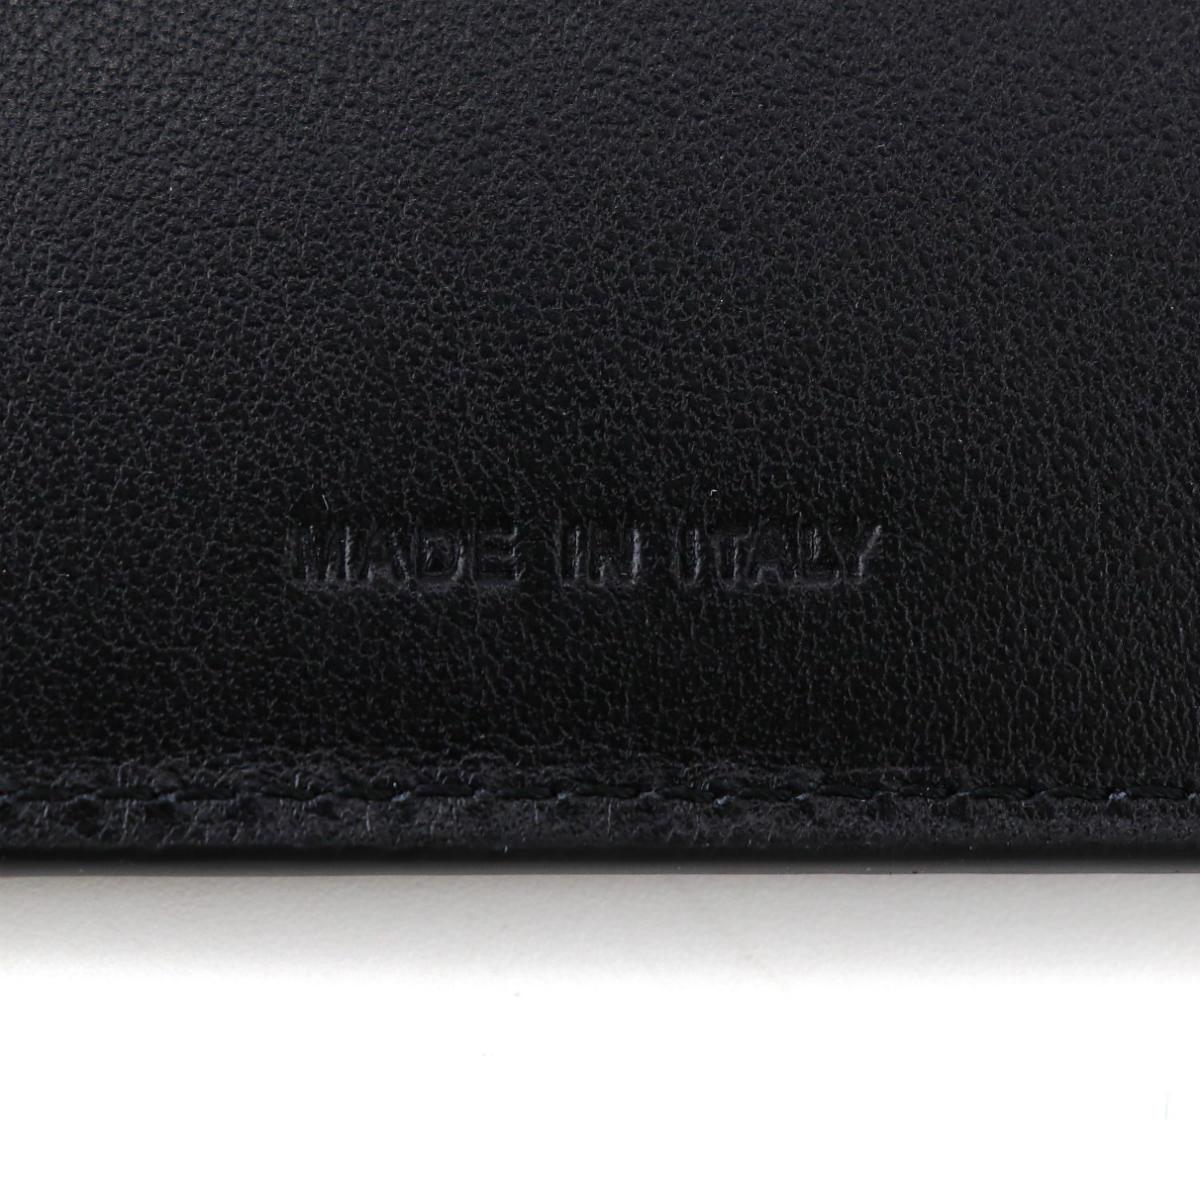 セラピアン SERAPIAN PVC型押し 2つ折り財布 Stepan STEP6136-M11 CC3 Asphalt/Black(ダークグレー)